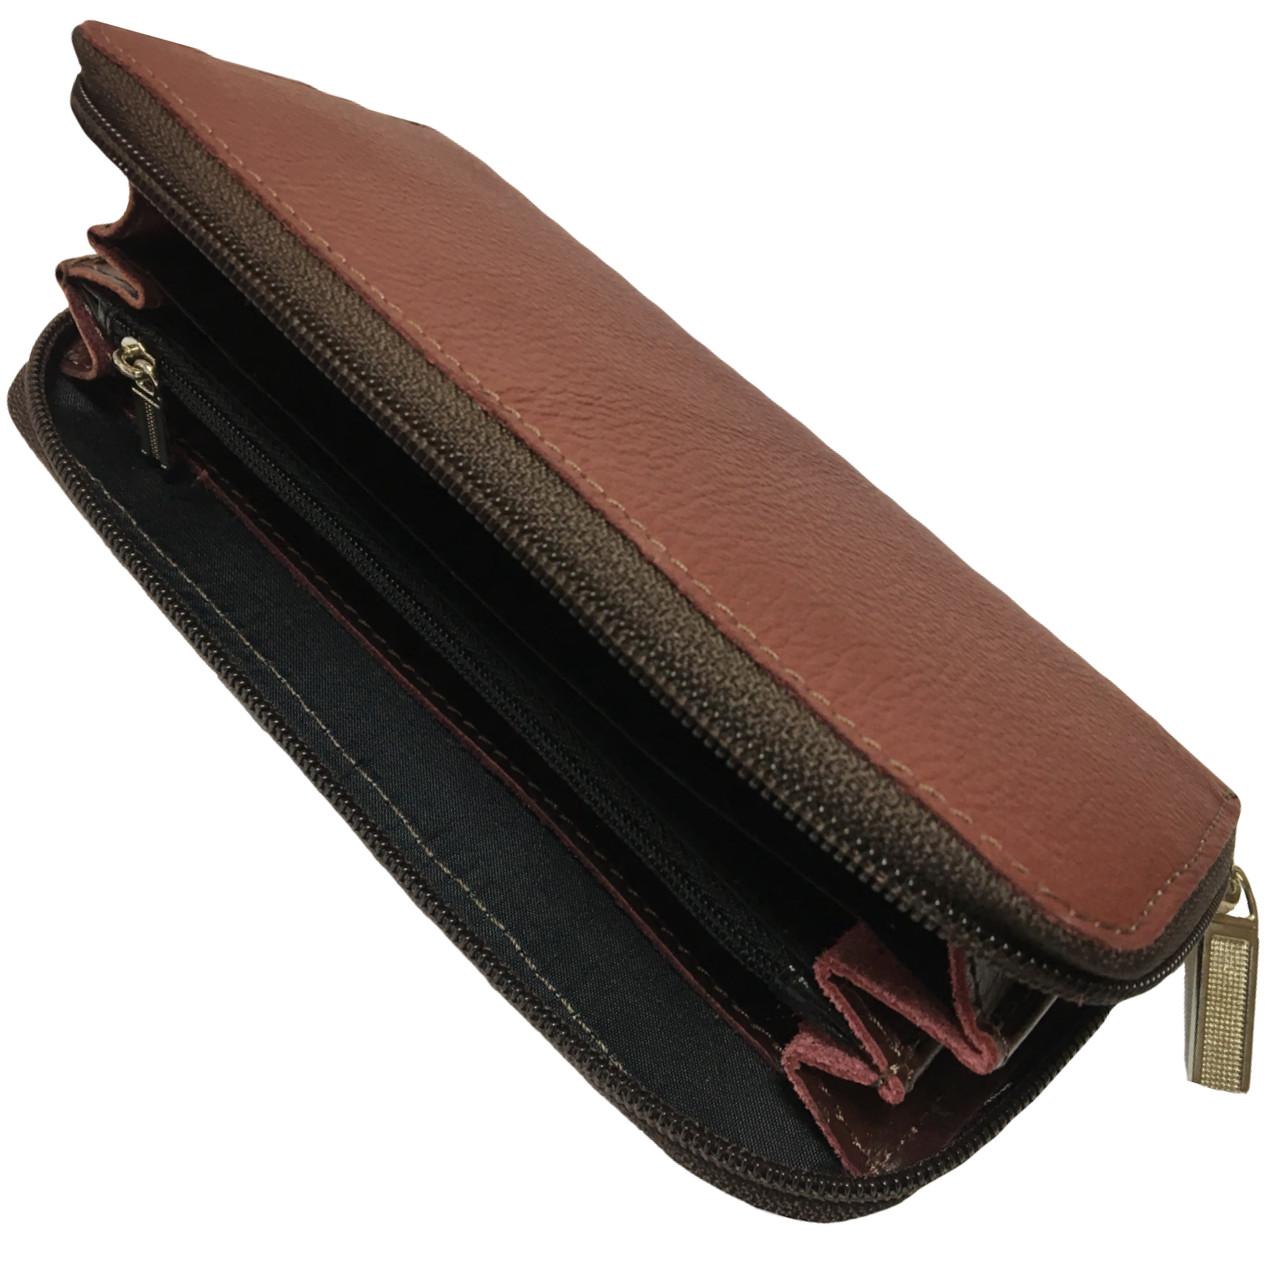 Кошельки CREZ из натуральной кожи (190х90mm) кожаные портмоне Бордовый